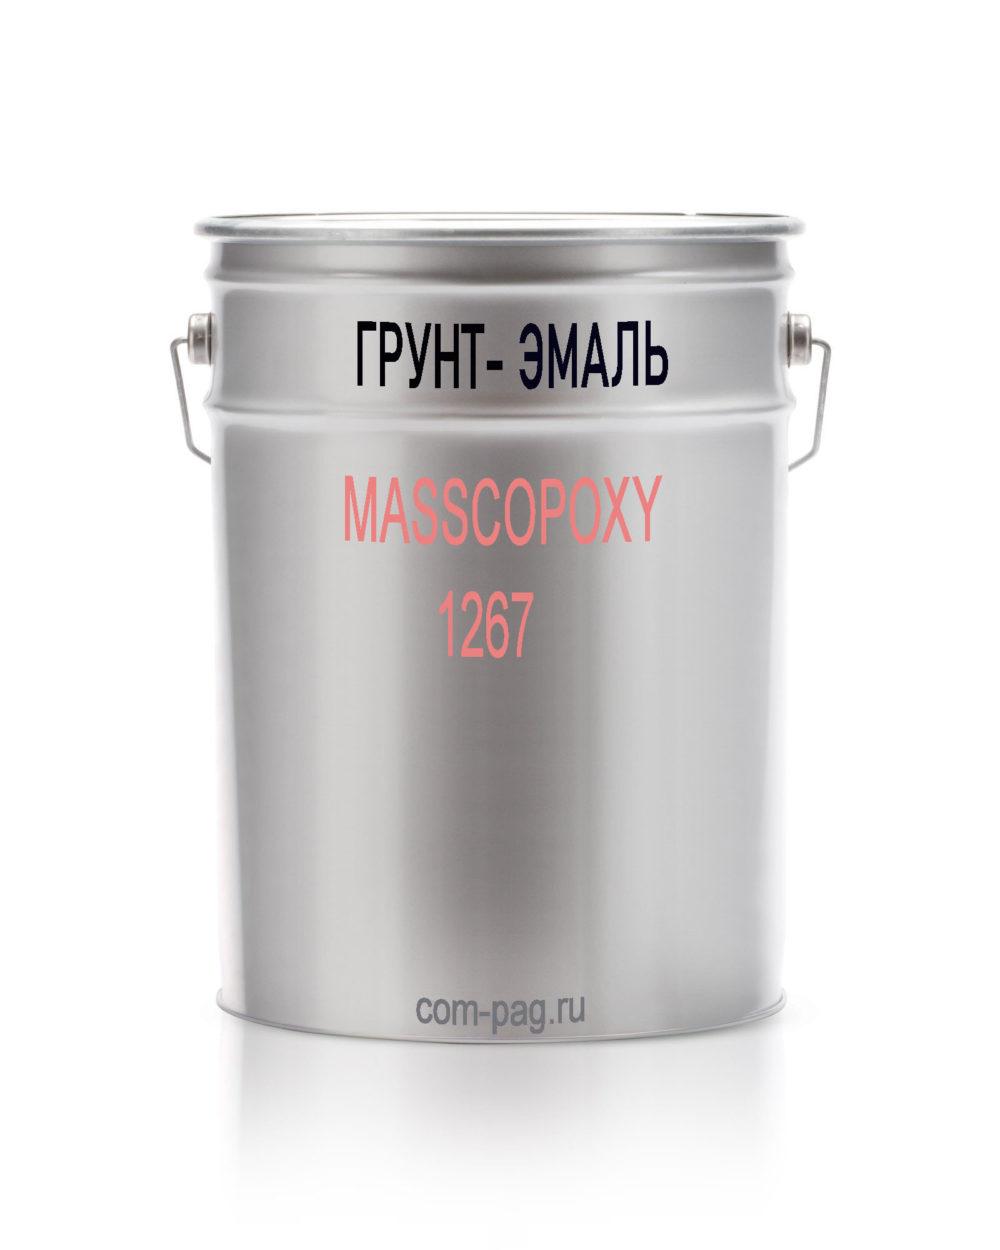 Masscopoxy 1267